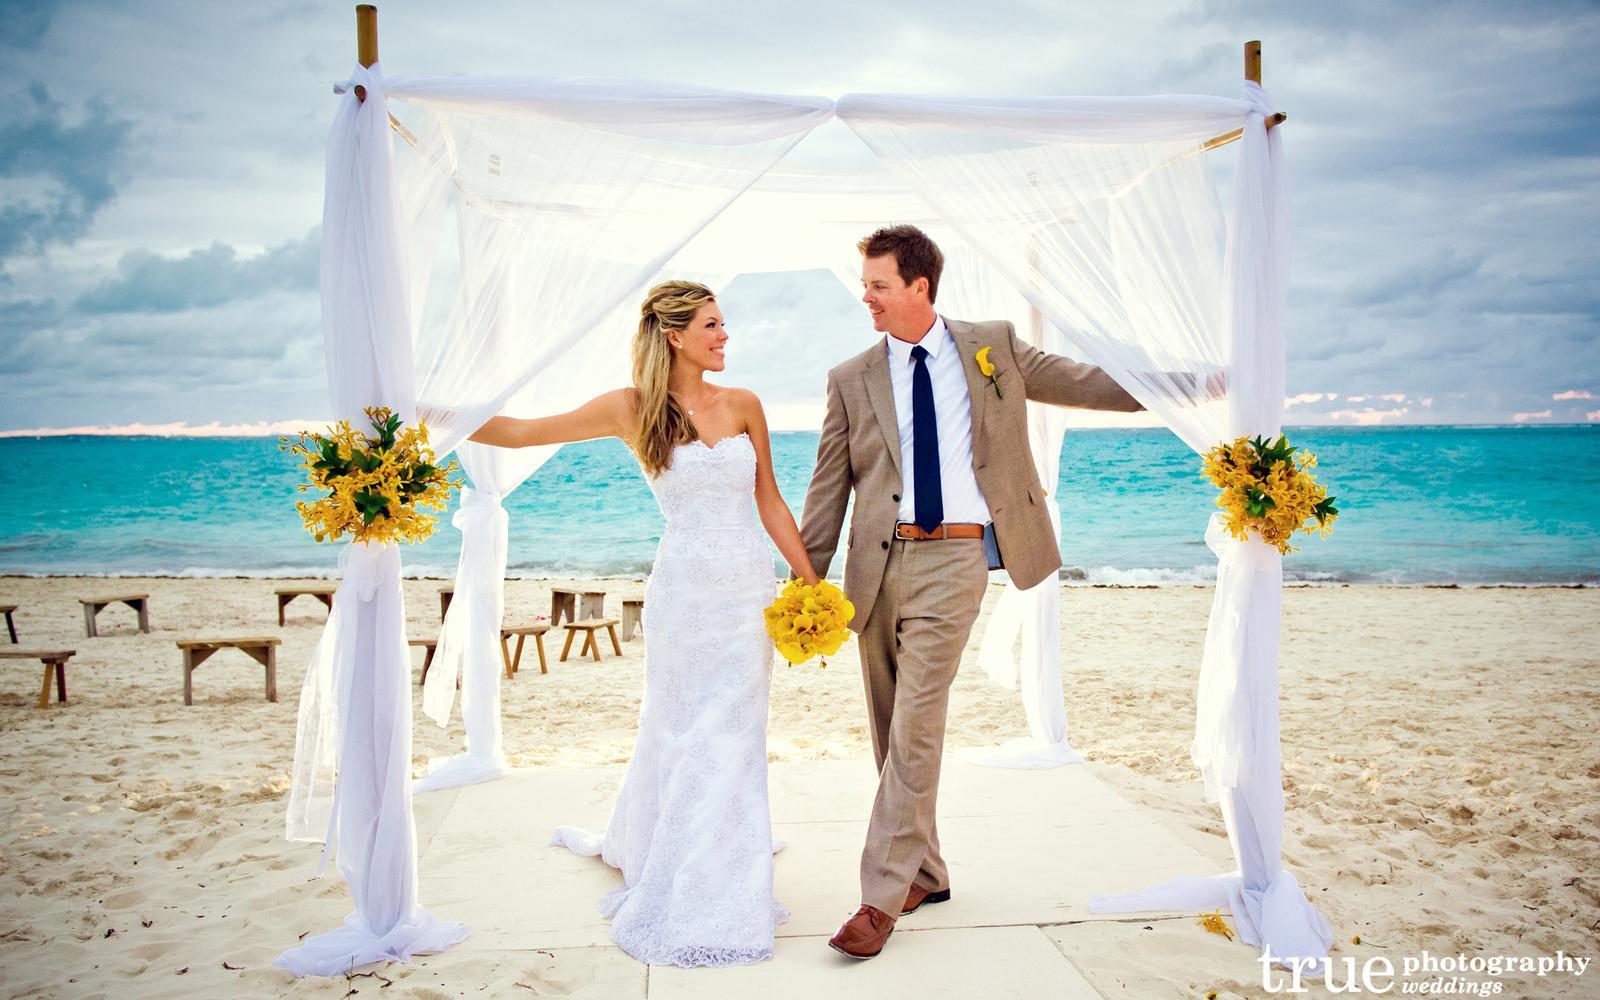 Beach wedding - Obrázok č. 28